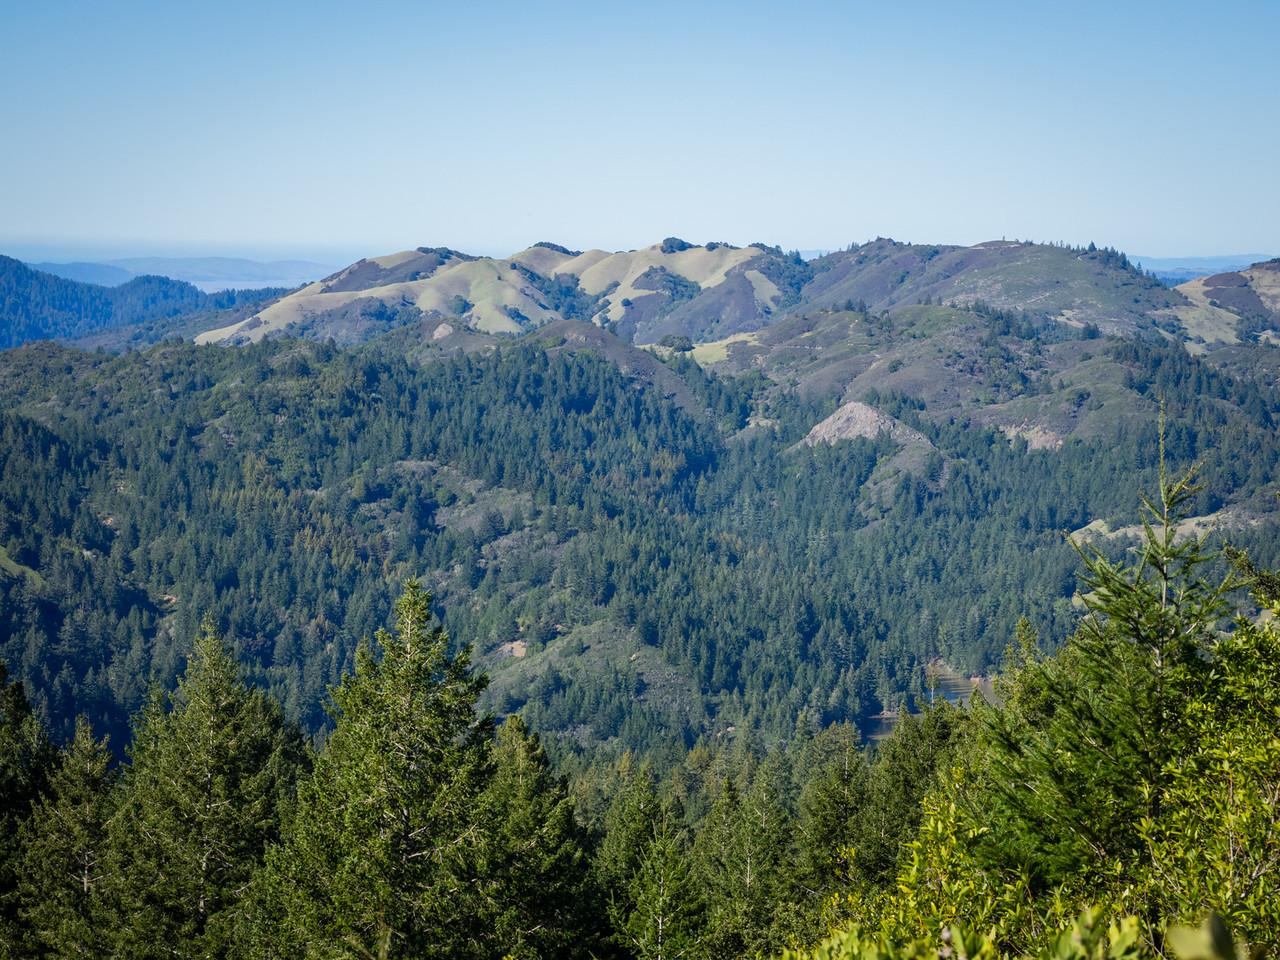 Azalea Hill and north